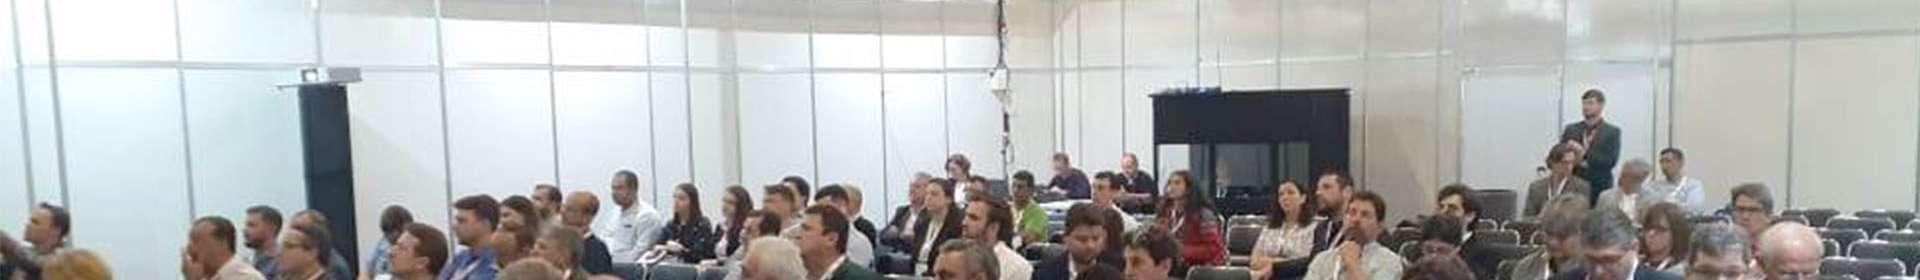 Igreja Cristã Maranata aperfeiçoa iniciativa de utilizar energia solar em suas unidades